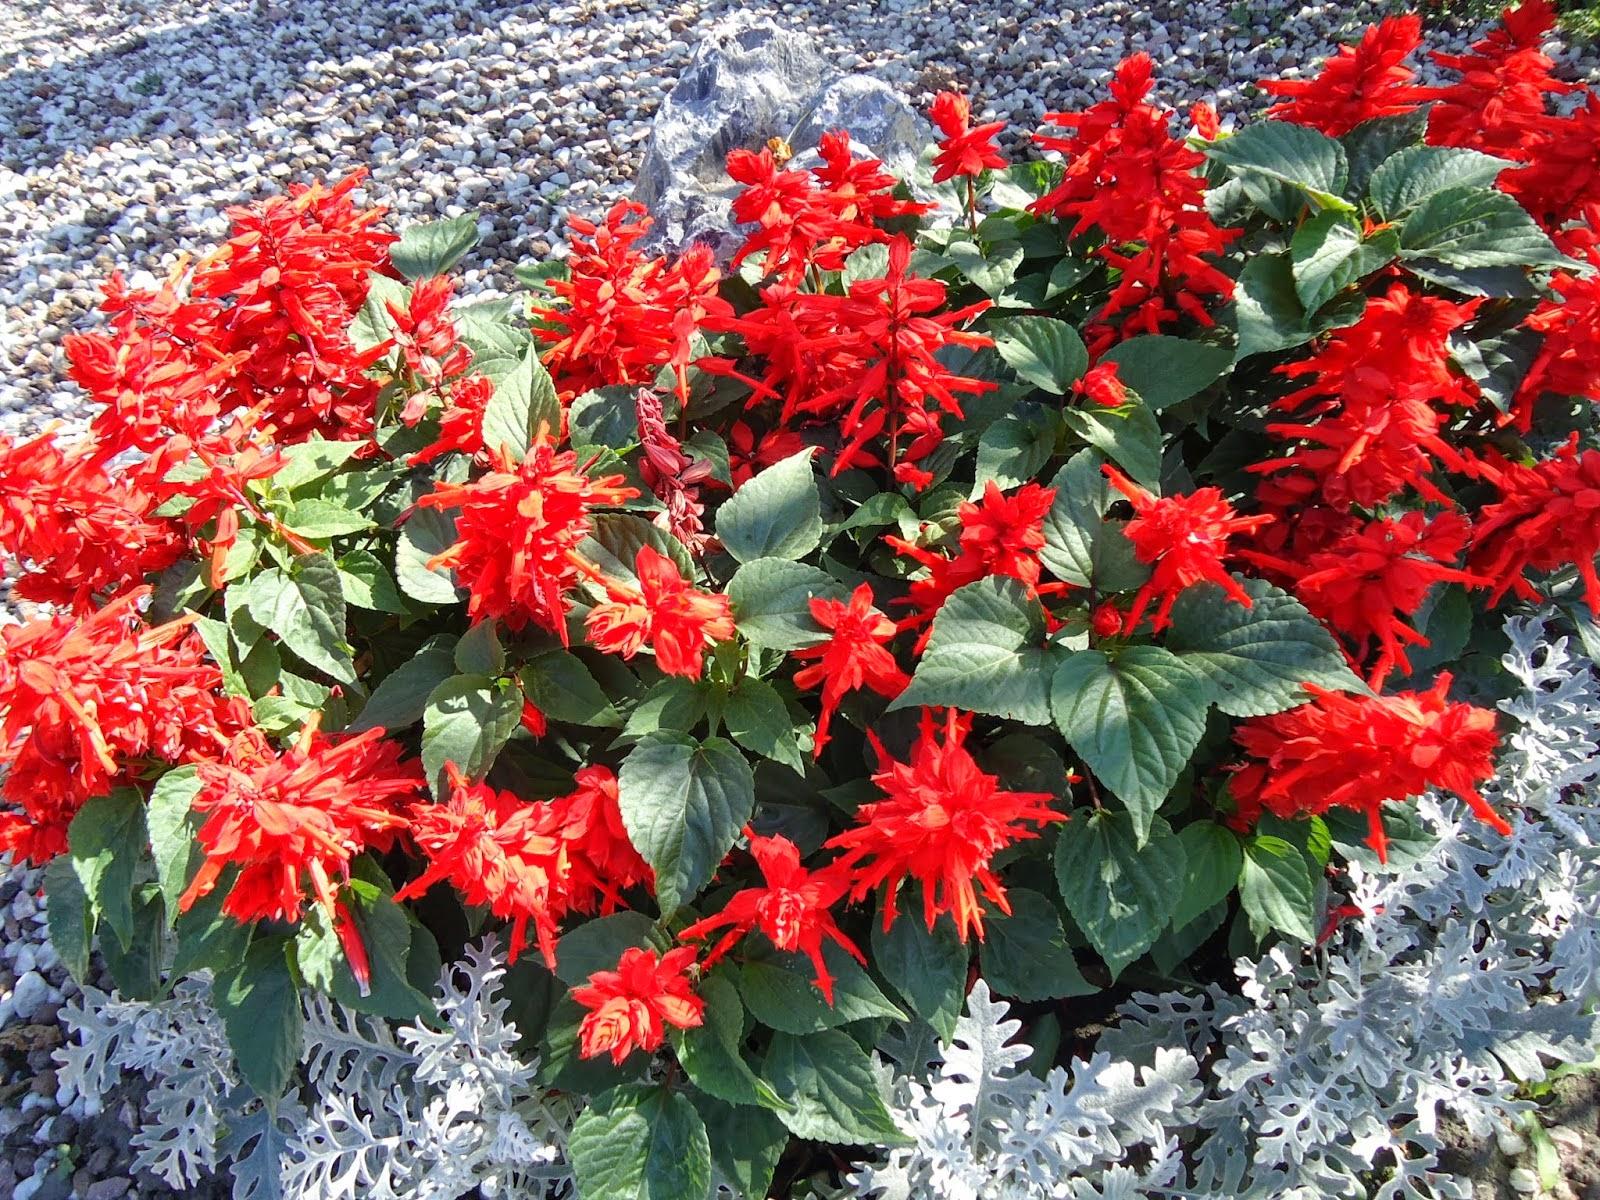 Садовые цветы красного цвета с фото и названиями Клуб любителей дачи 78